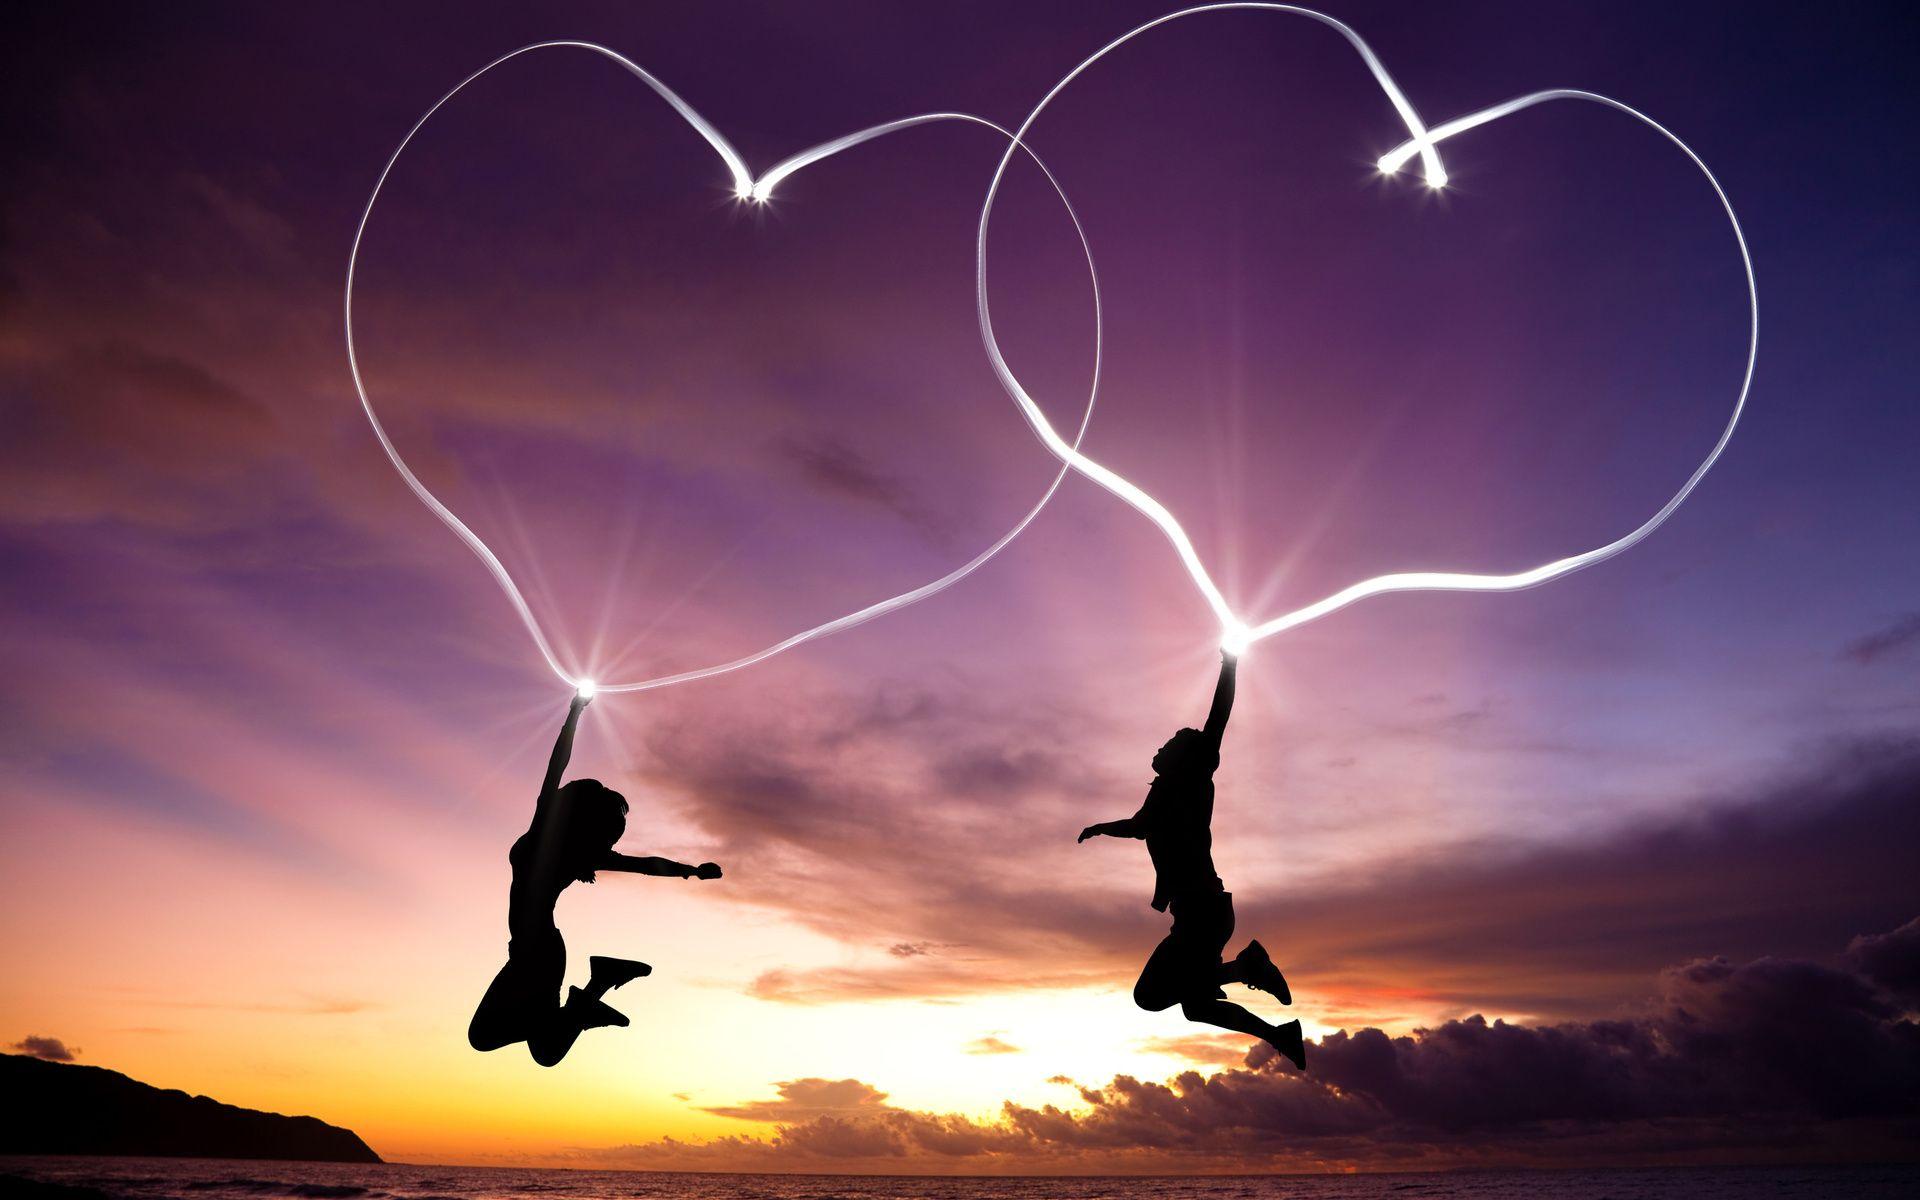 Love This Corazones Enamorados Imagenes Imagenes Bonitas De